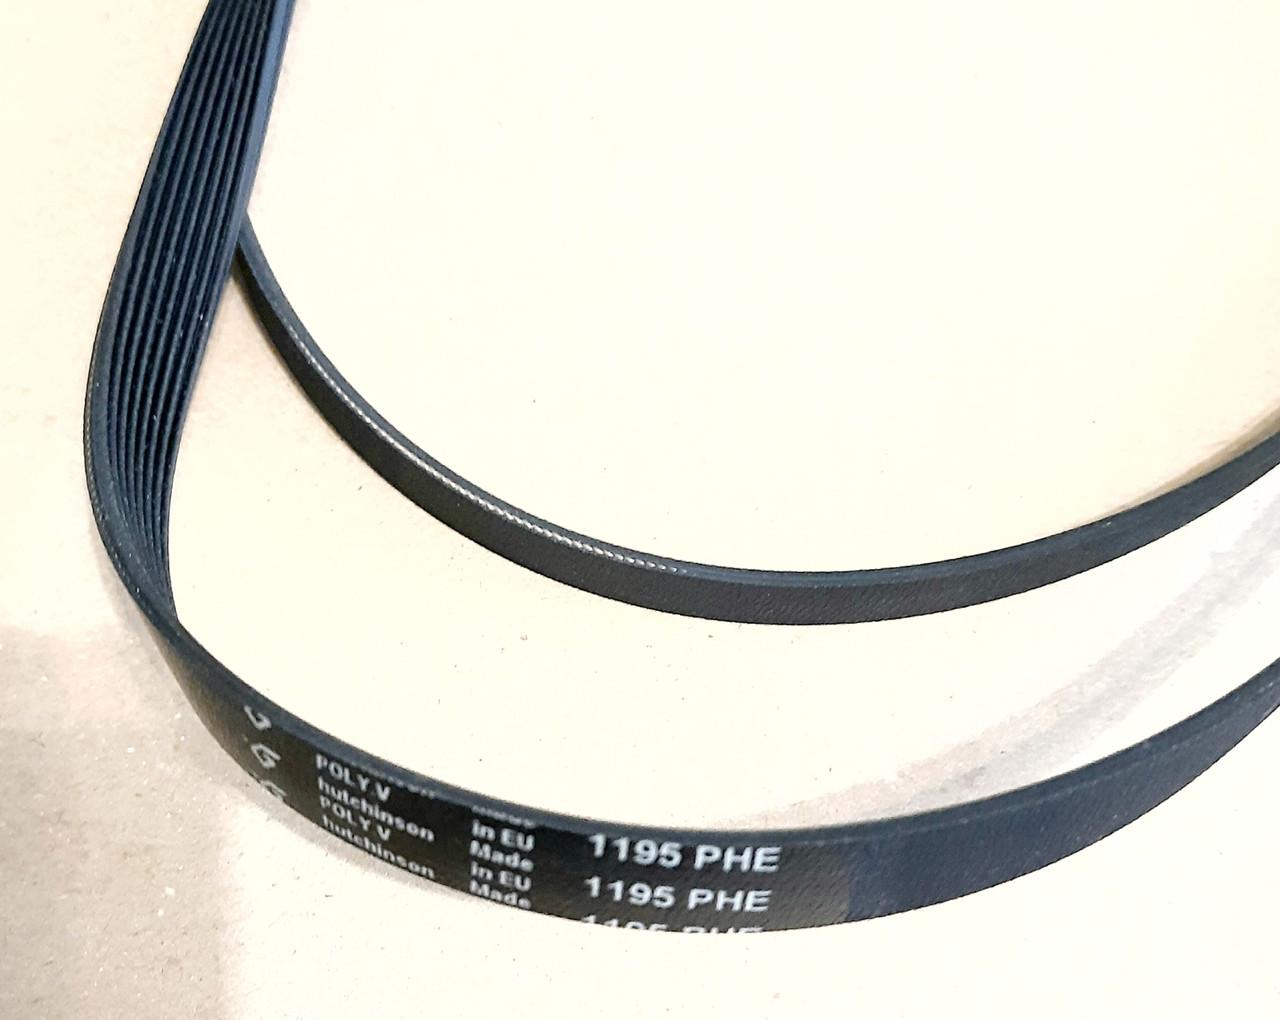 Ремень  PHE 8 1195 «Hutchinson» черный для стиральной машины Indesit Ariston Оригинал